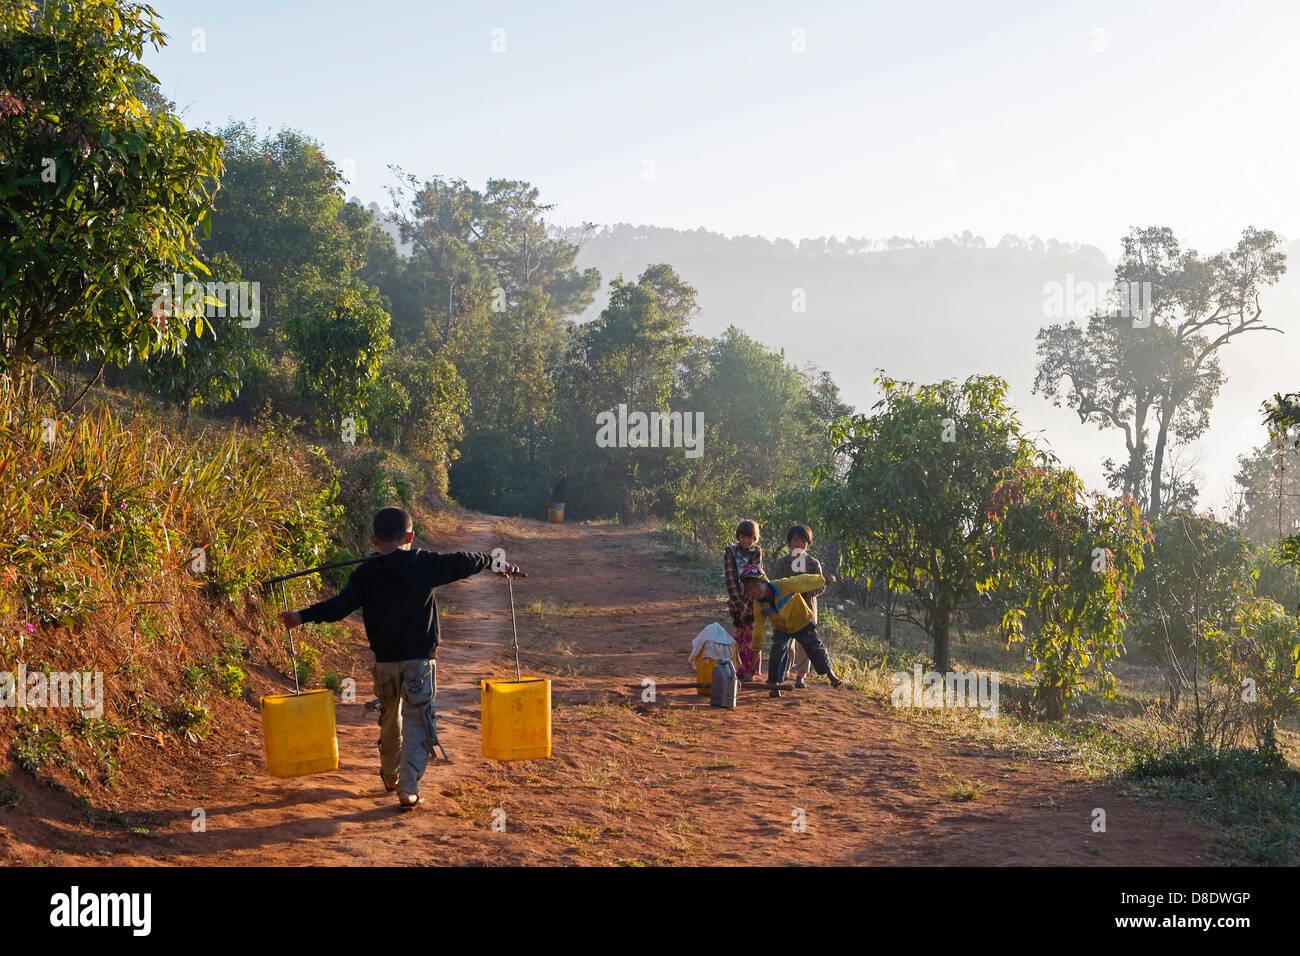 Children fetching water, Kalaw, Myanmar, Asia - Stock Image